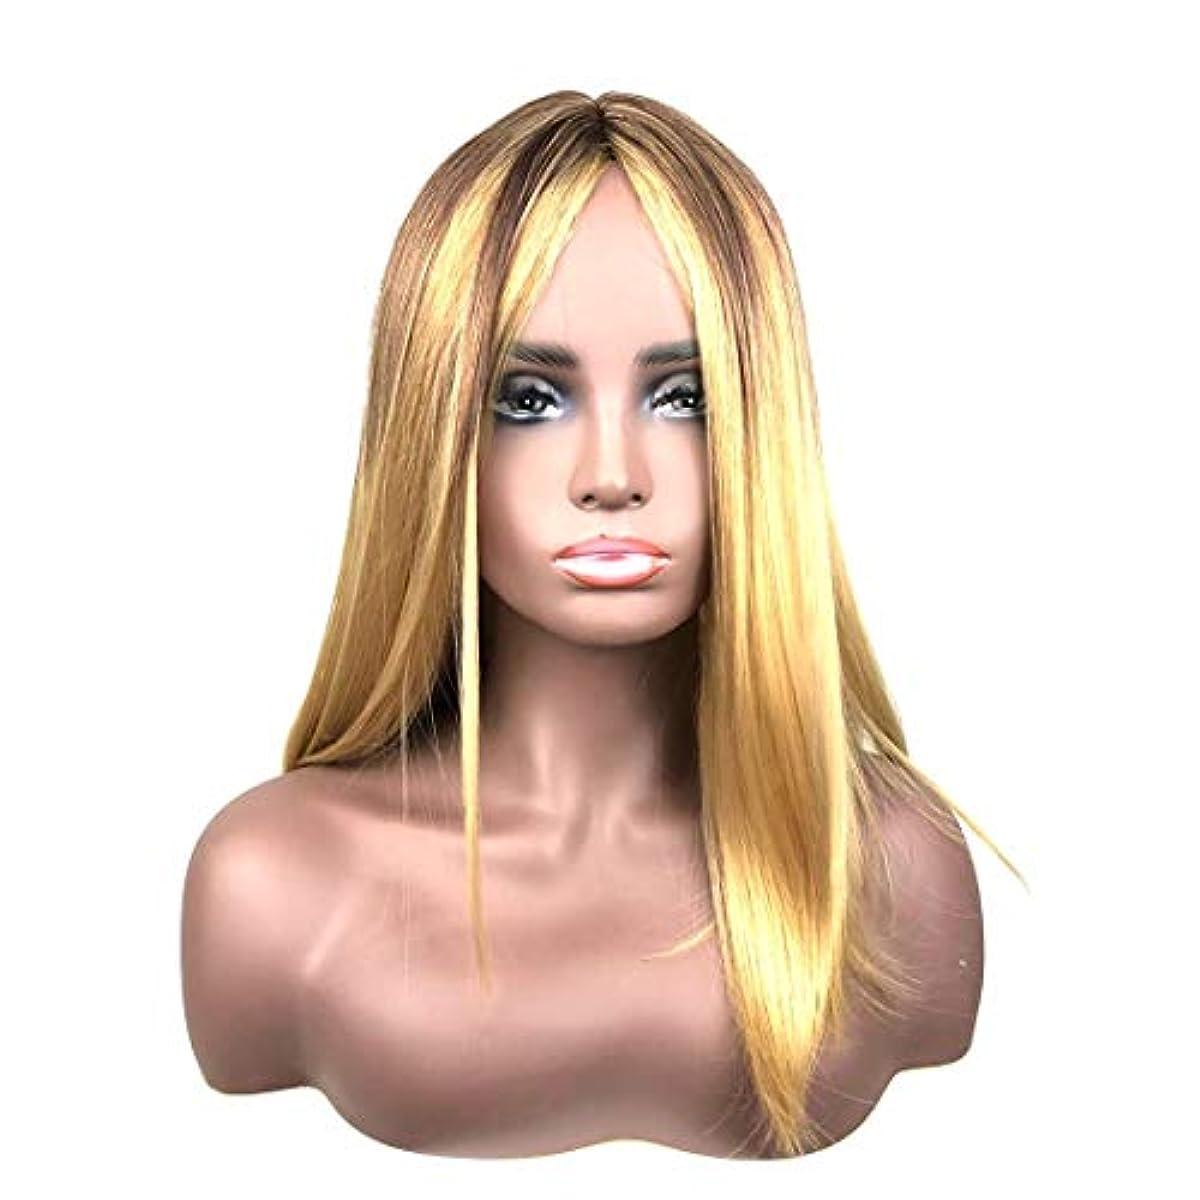 平野背が高いベストSummerys 前髪合成耐熱性女性のヘアスタイルと短いふわふわボブ変態ストレートヘアウィッグ